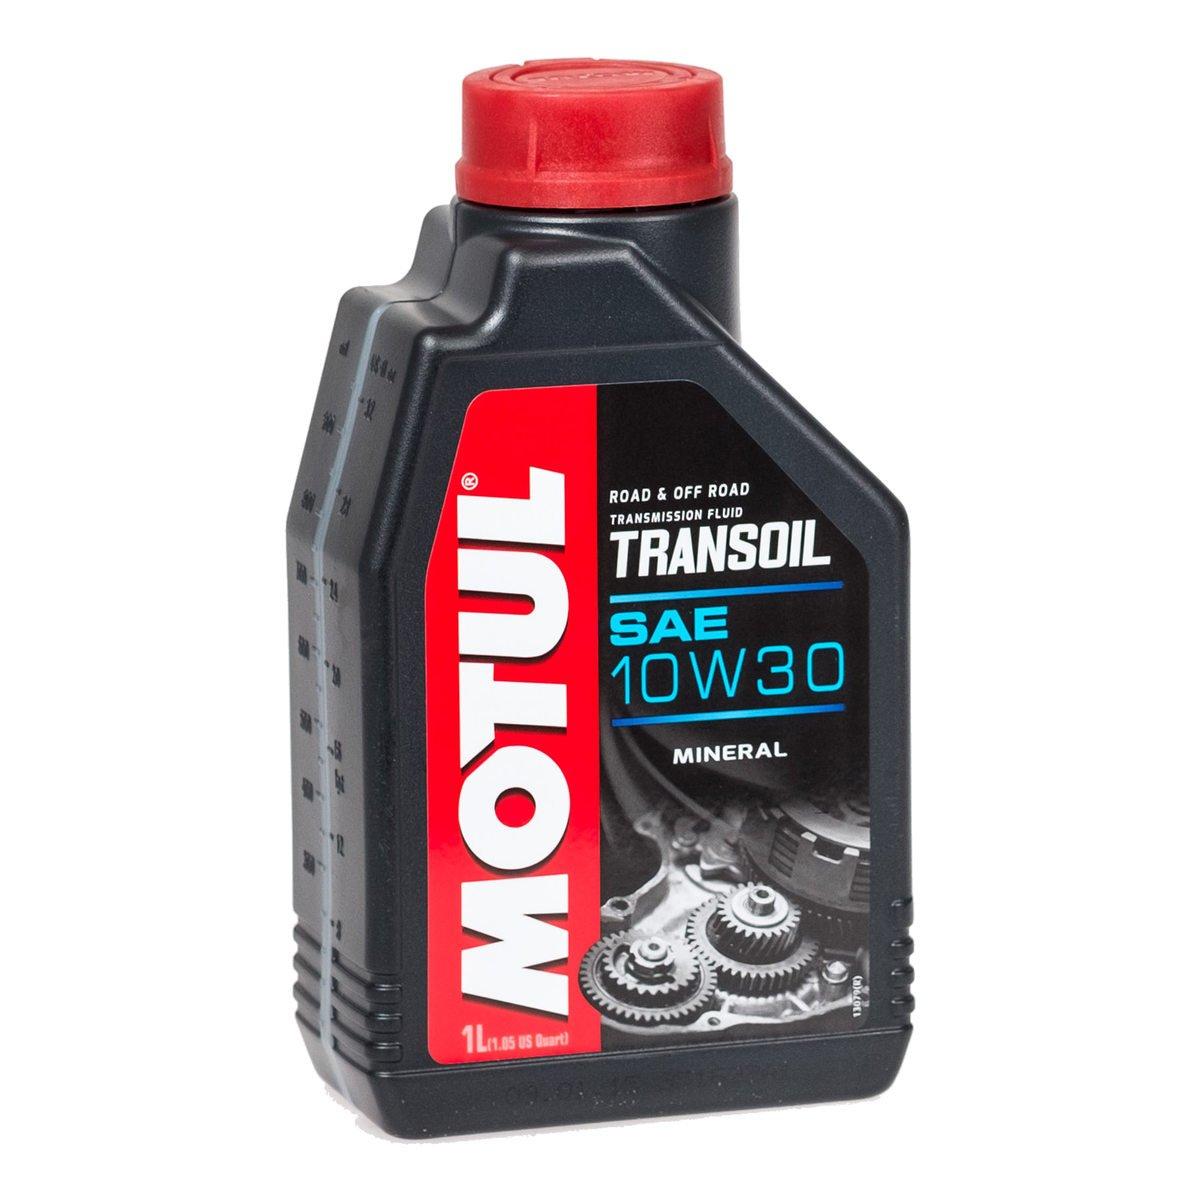 Huile de transmission Motul Transoil 10W30 1 litre 105894